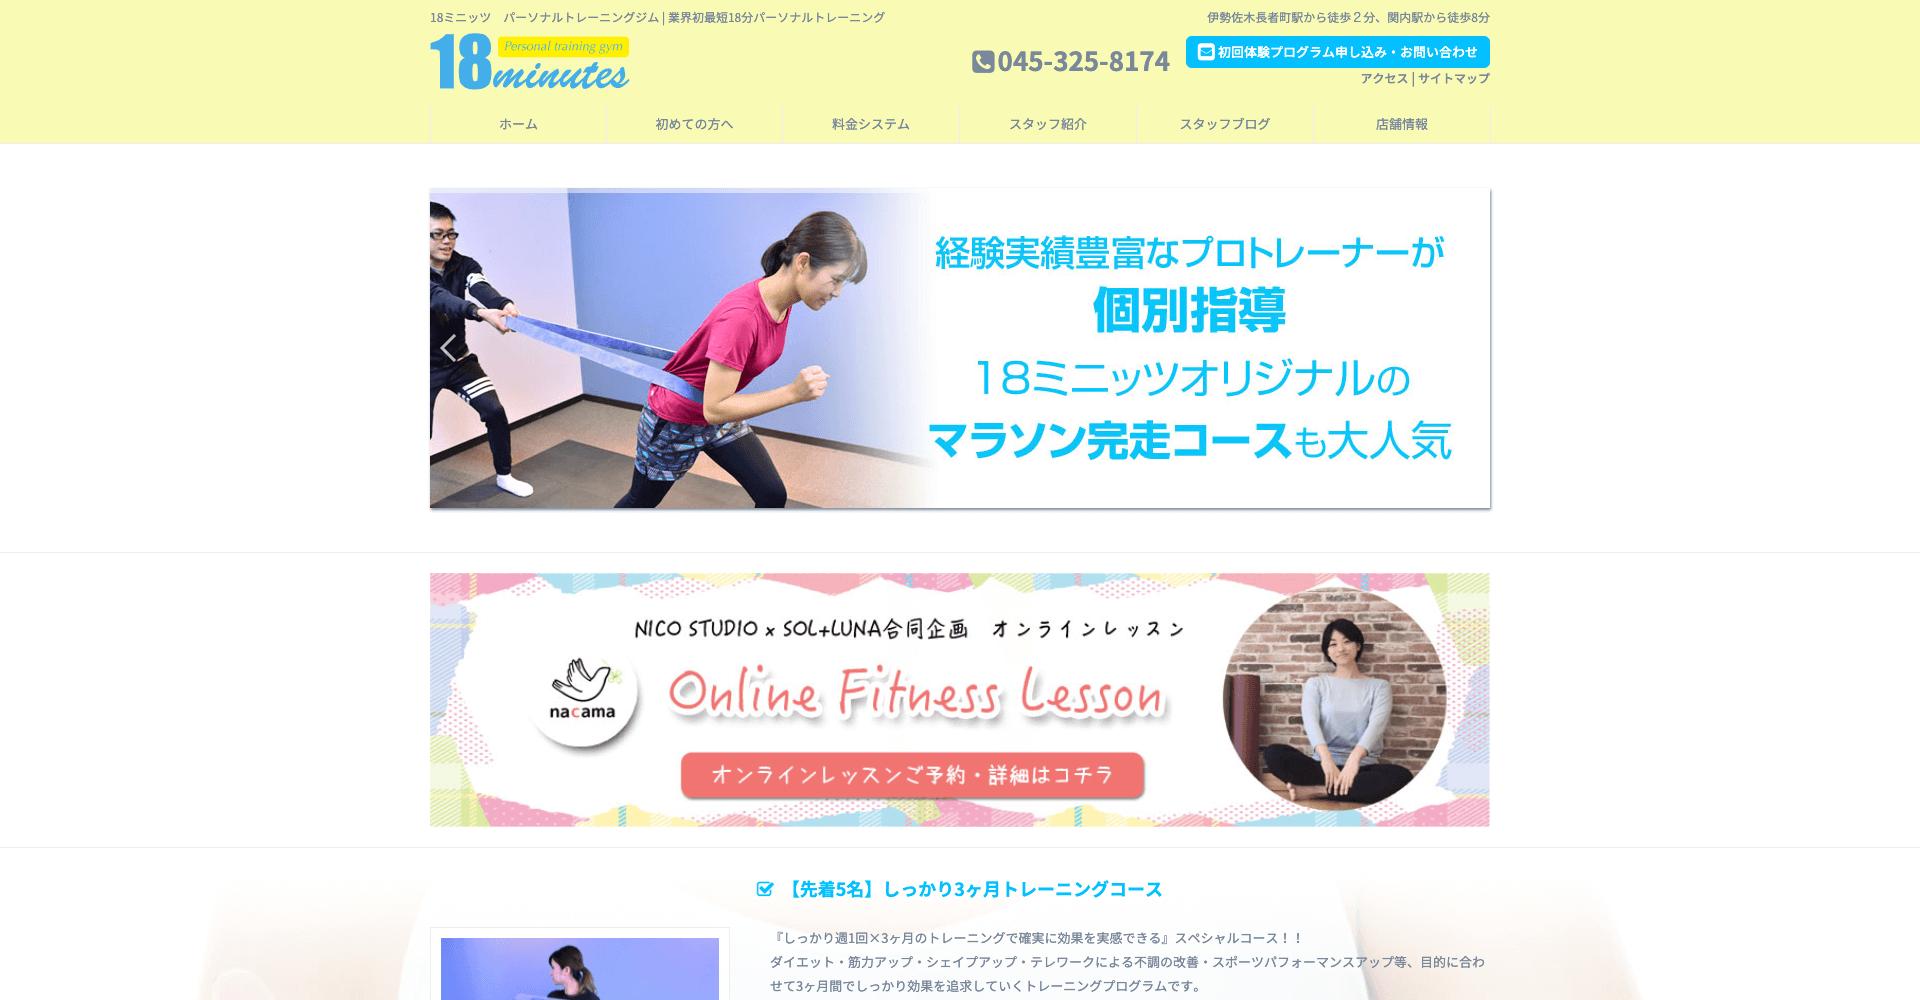 18ミニッツパーソナルトレーニングジム伊勢佐木長者町店